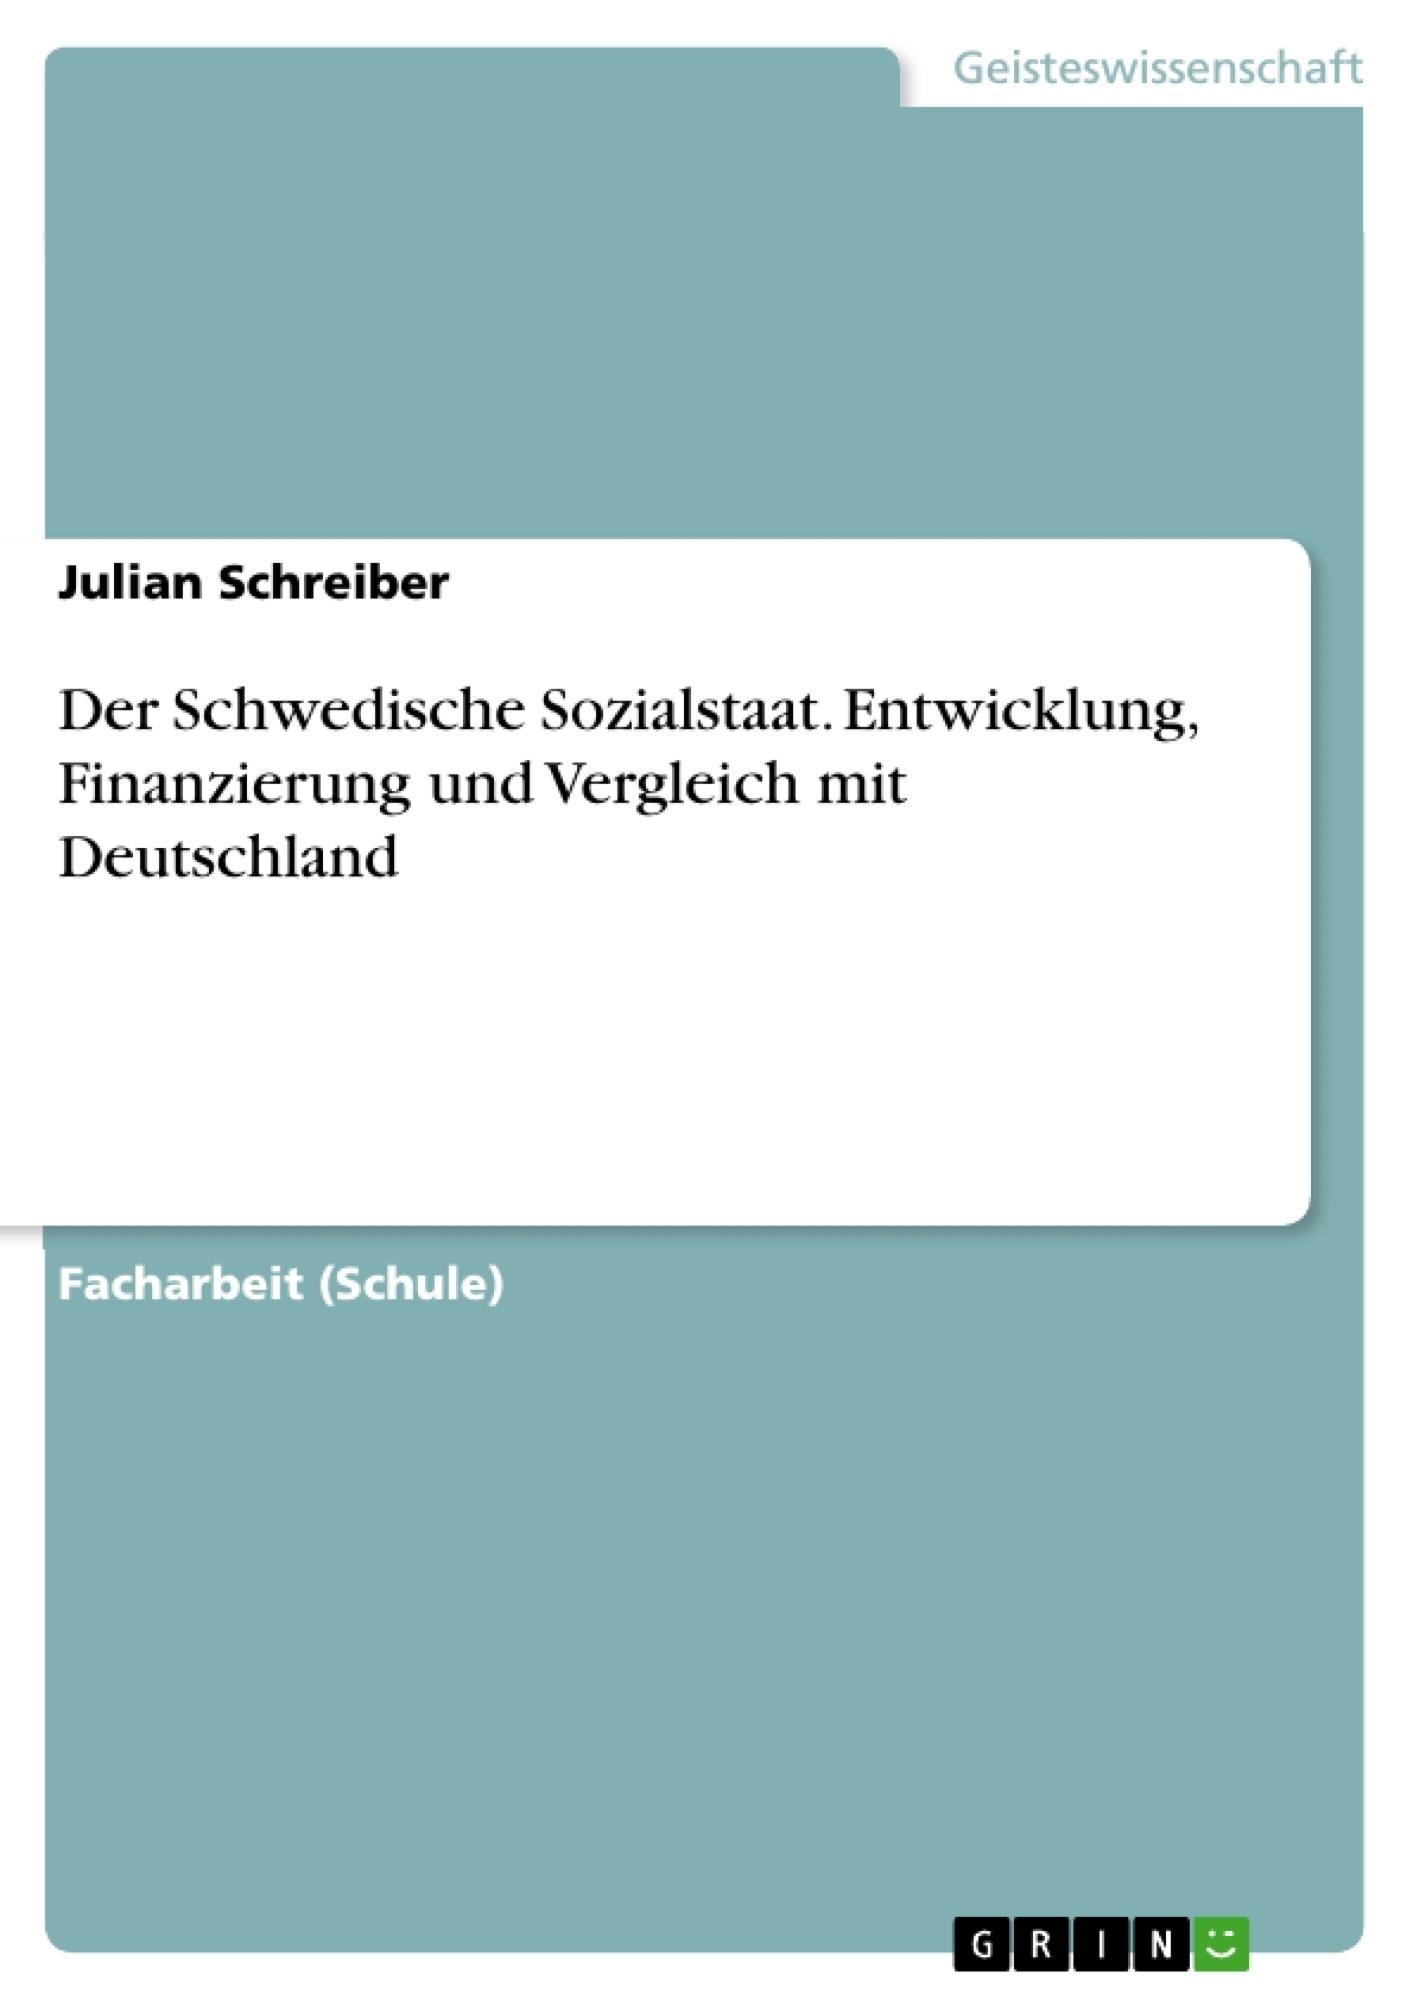 Titel: Der Schwedische Sozialstaat. Entwicklung, Finanzierung und Vergleich mit Deutschland